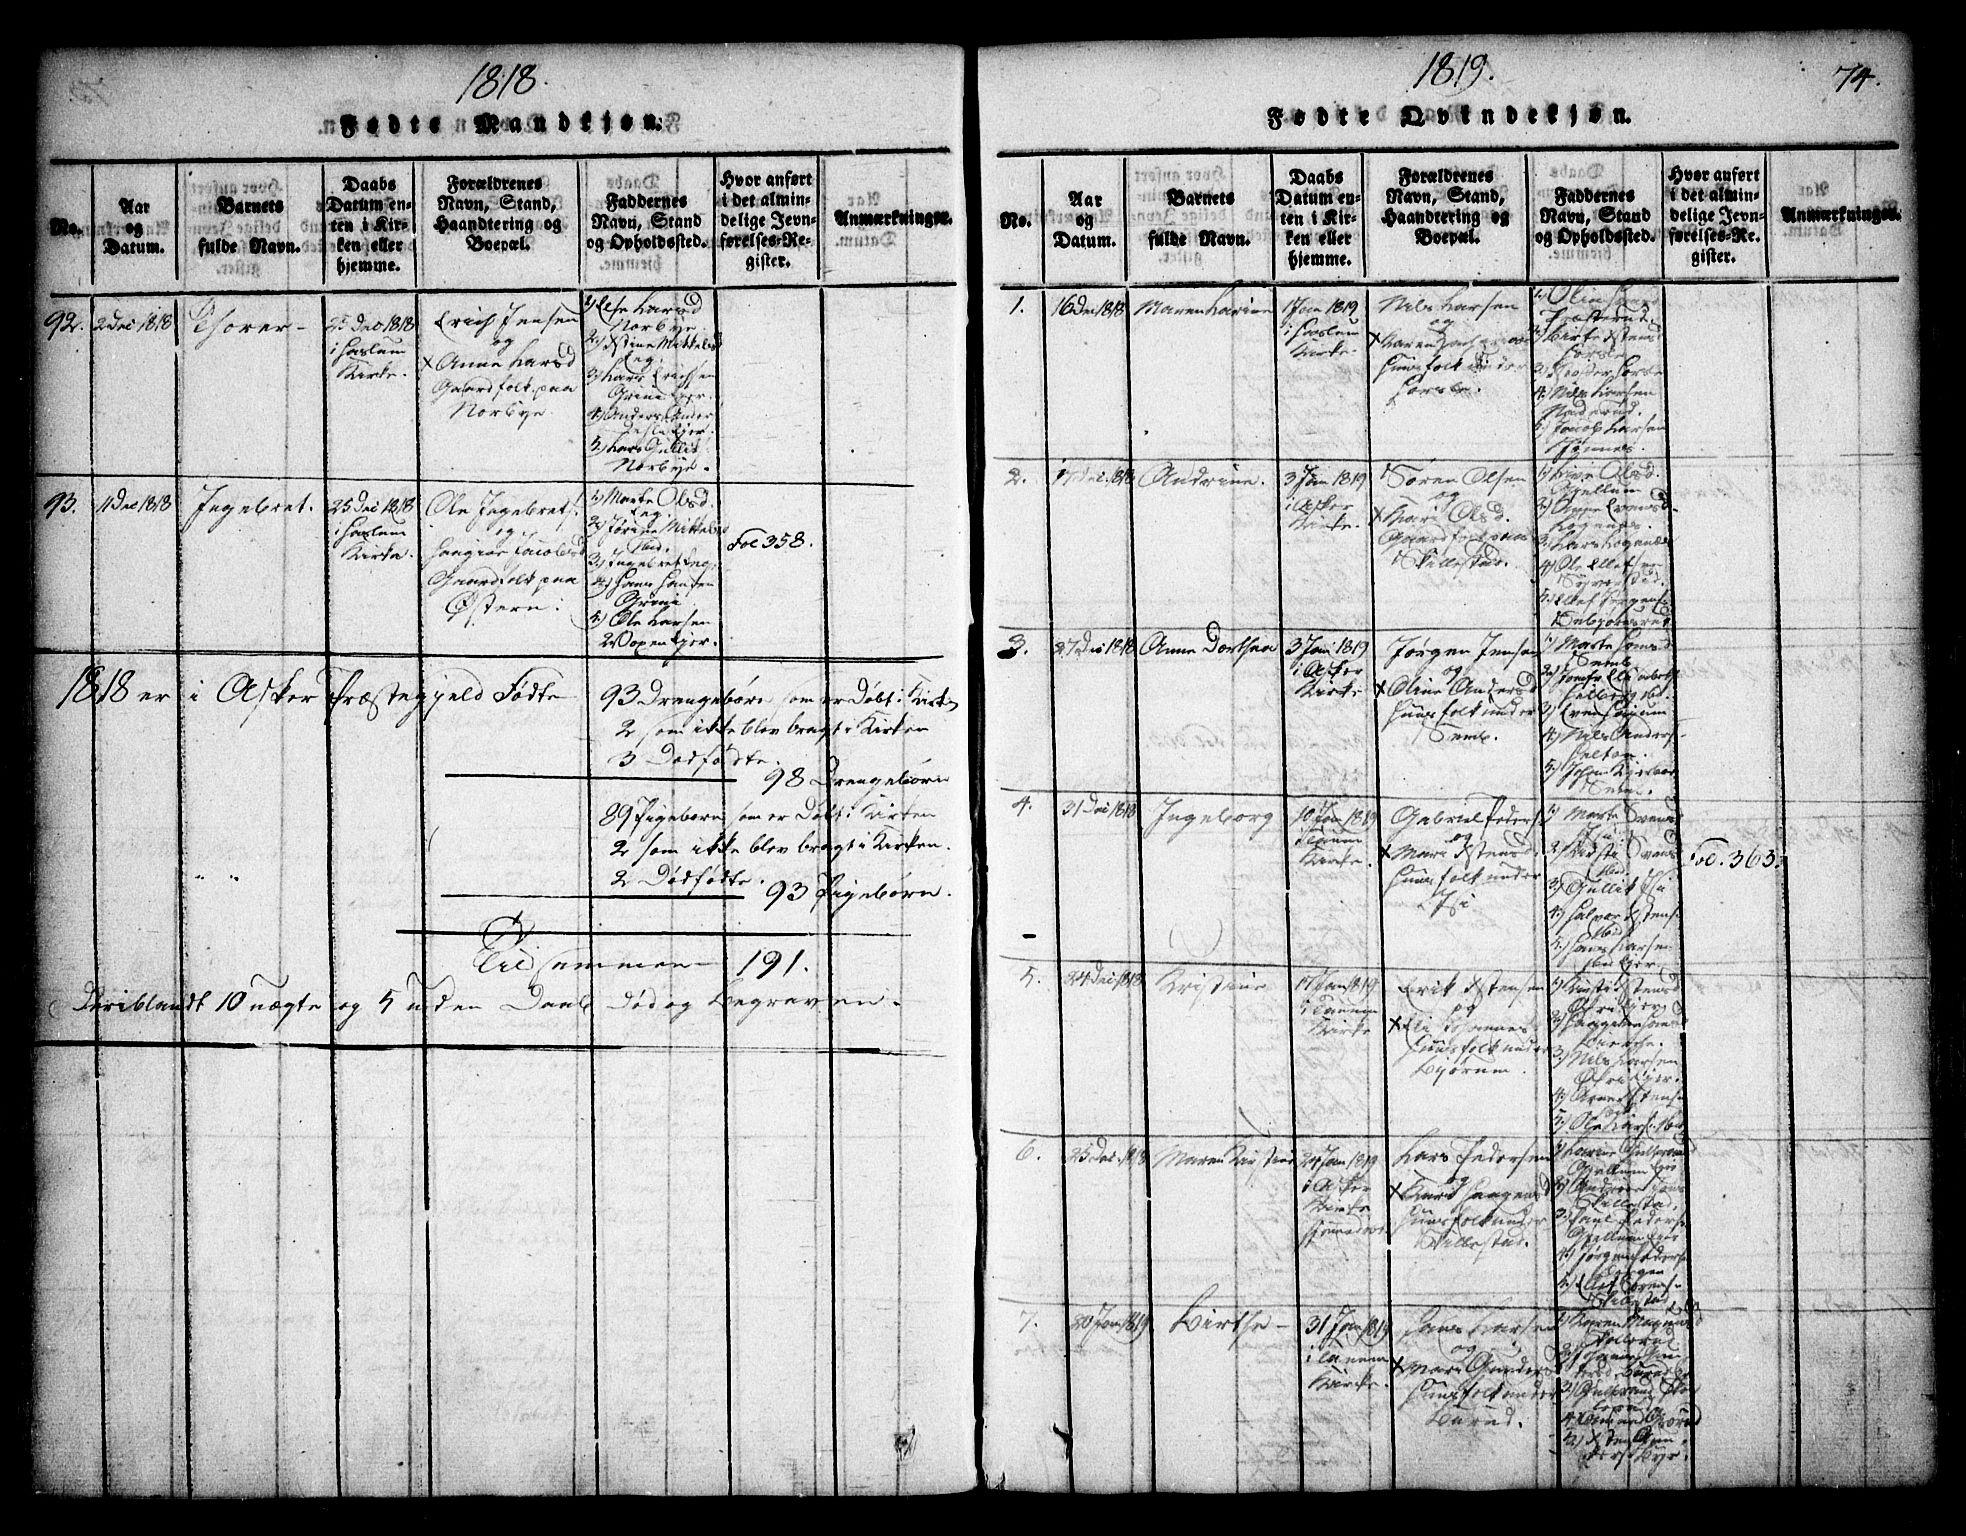 SAO, Asker prestekontor Kirkebøker, F/Fa/L0006: Ministerialbok nr. I 6, 1814-1824, s. 74